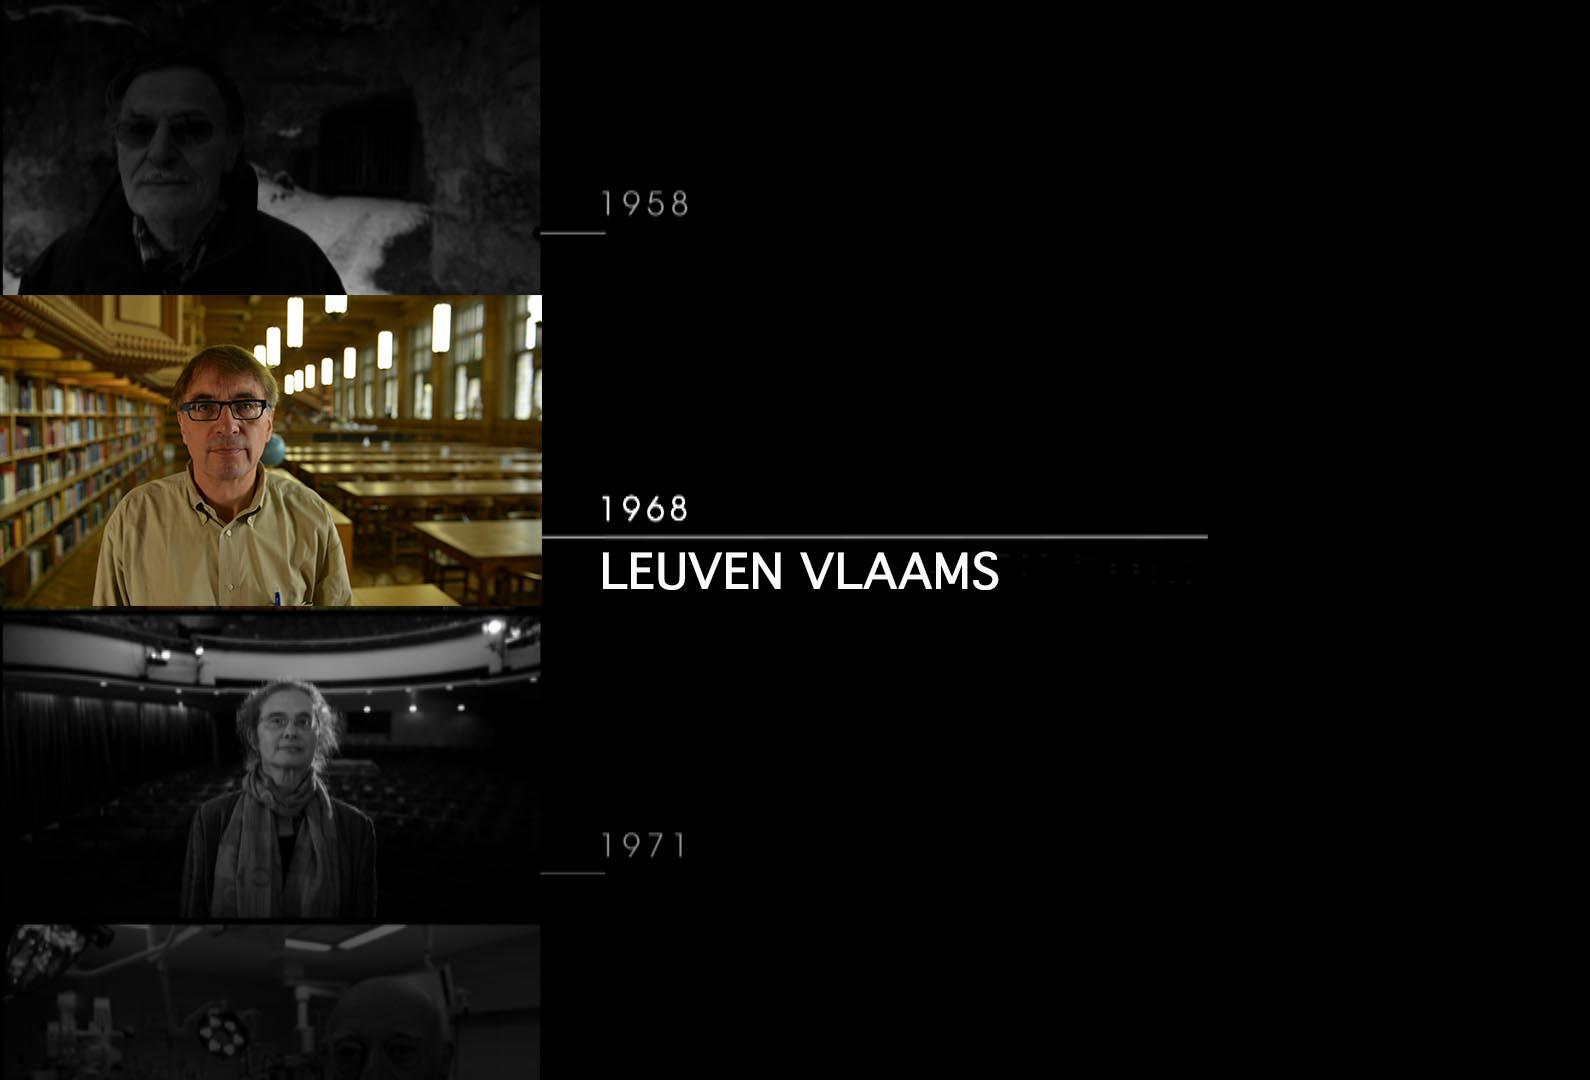 http://www.nooitmeerdezelfde.be/wp-content/uploads/2013/10/8c.jpg